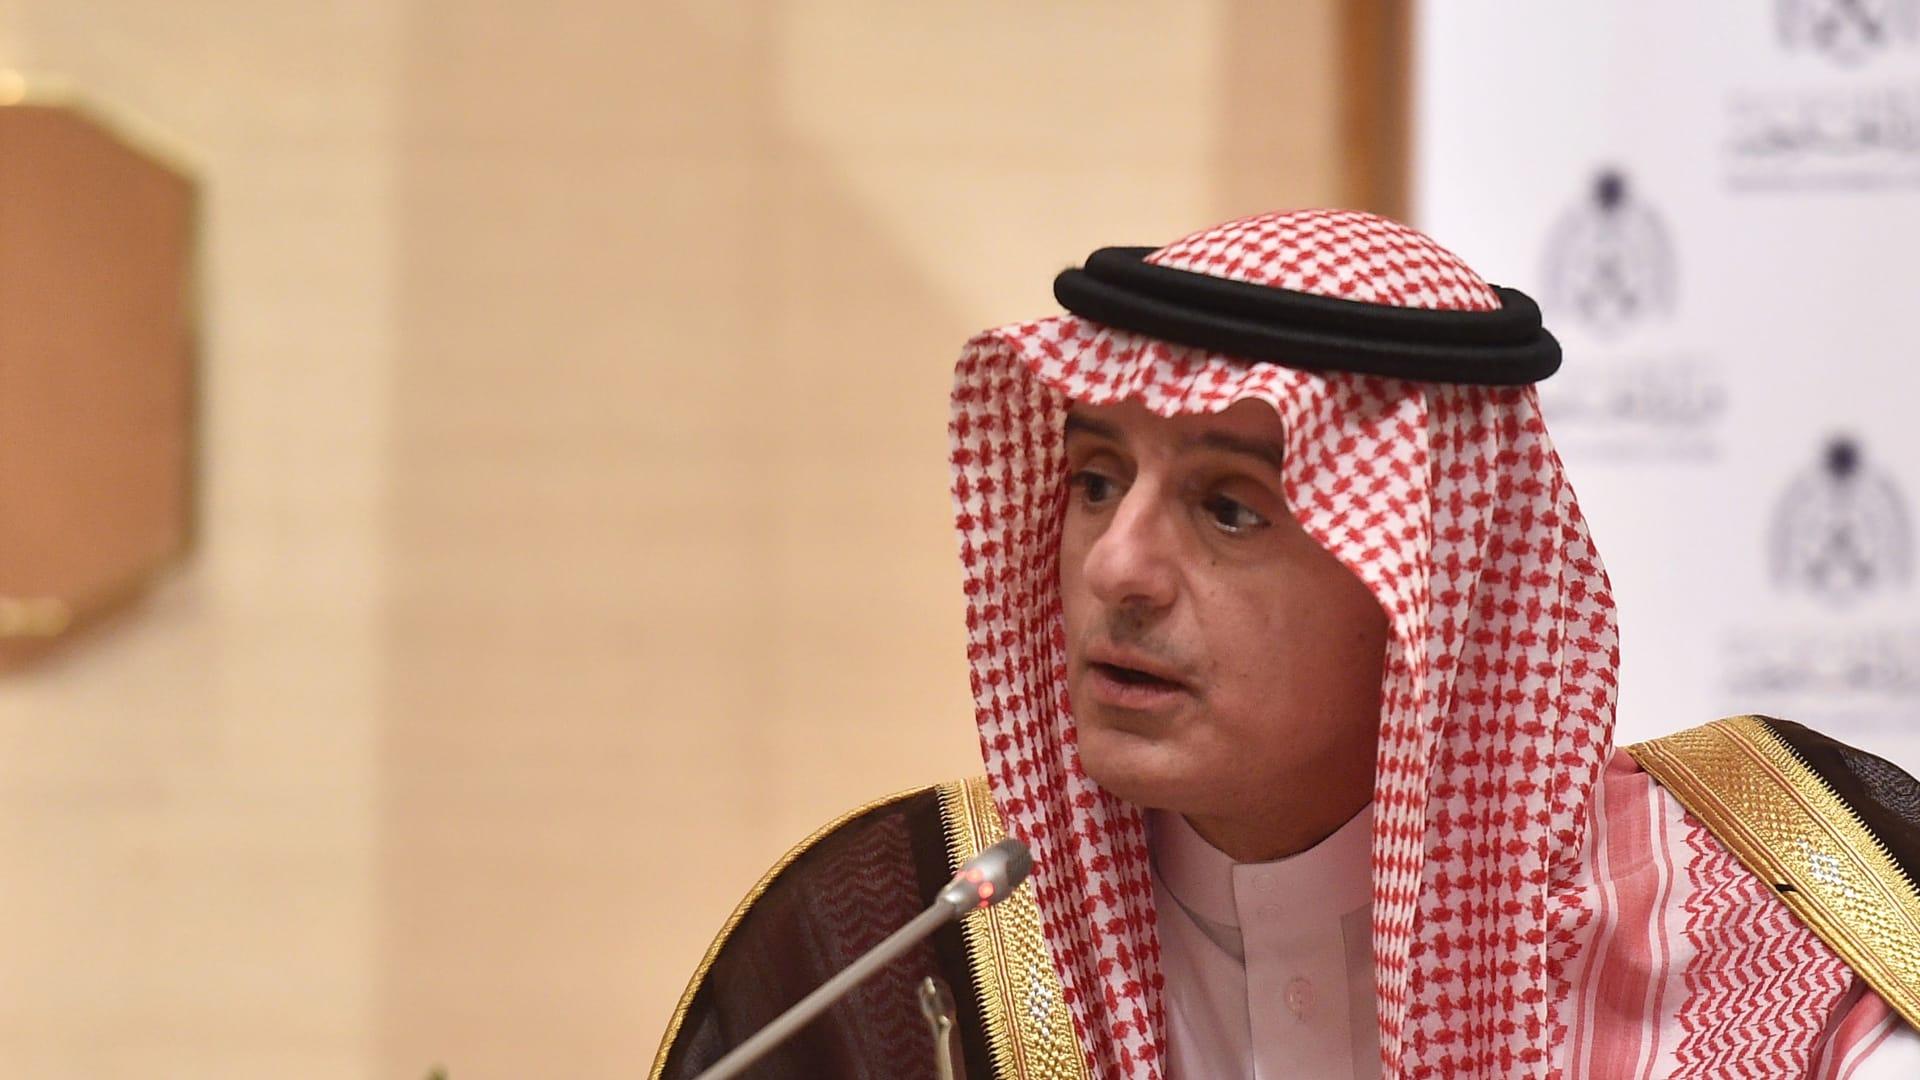 مسؤول في أرامكو السعودية يتحدث لـCNN عن حجم الدمار